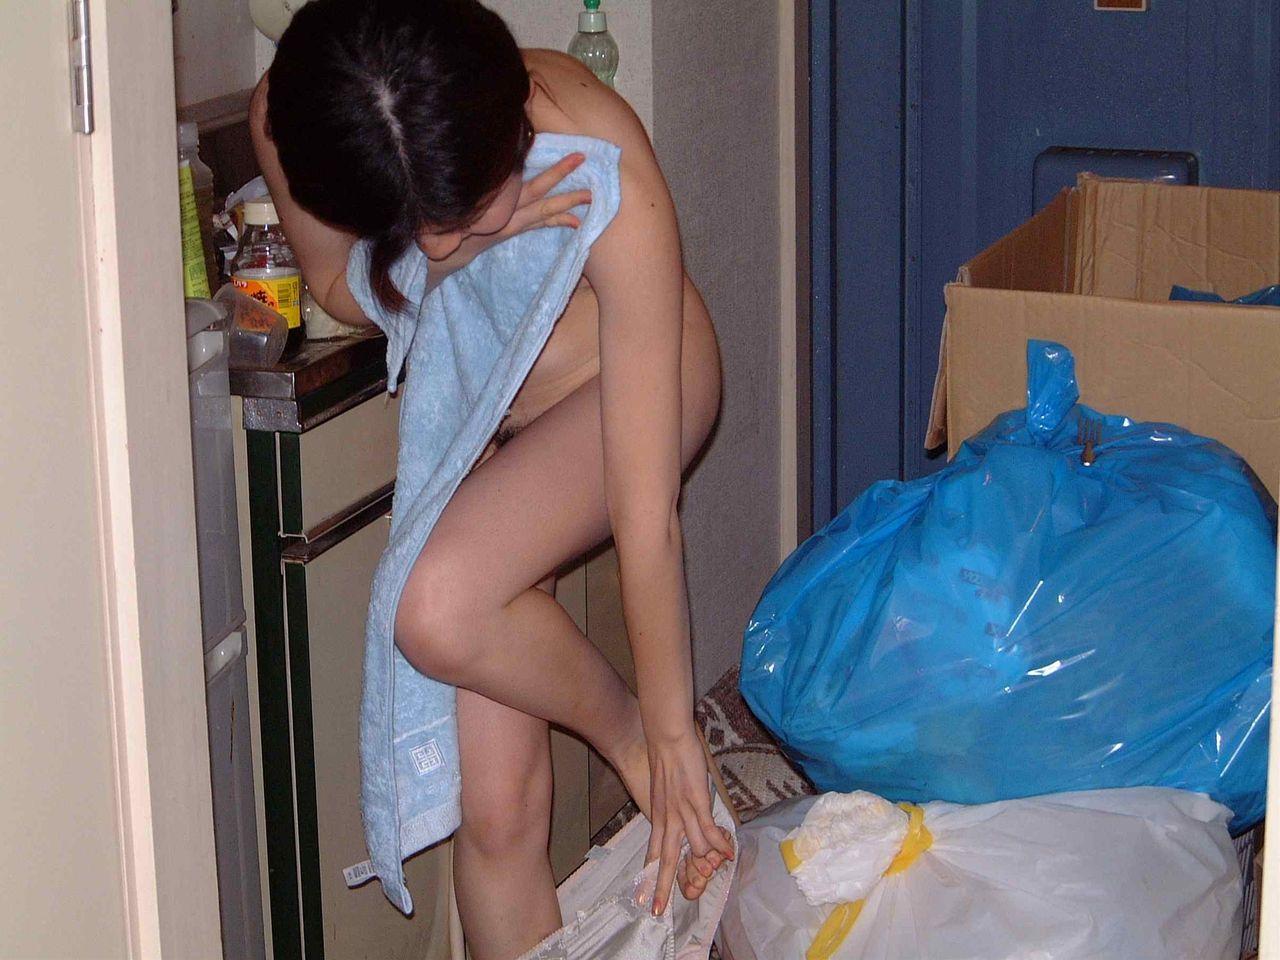 【家庭内エロ画像】家の中でエロい姿を撮影してうpるのイイけど、見苦しい汚部屋は看過できない件www  04